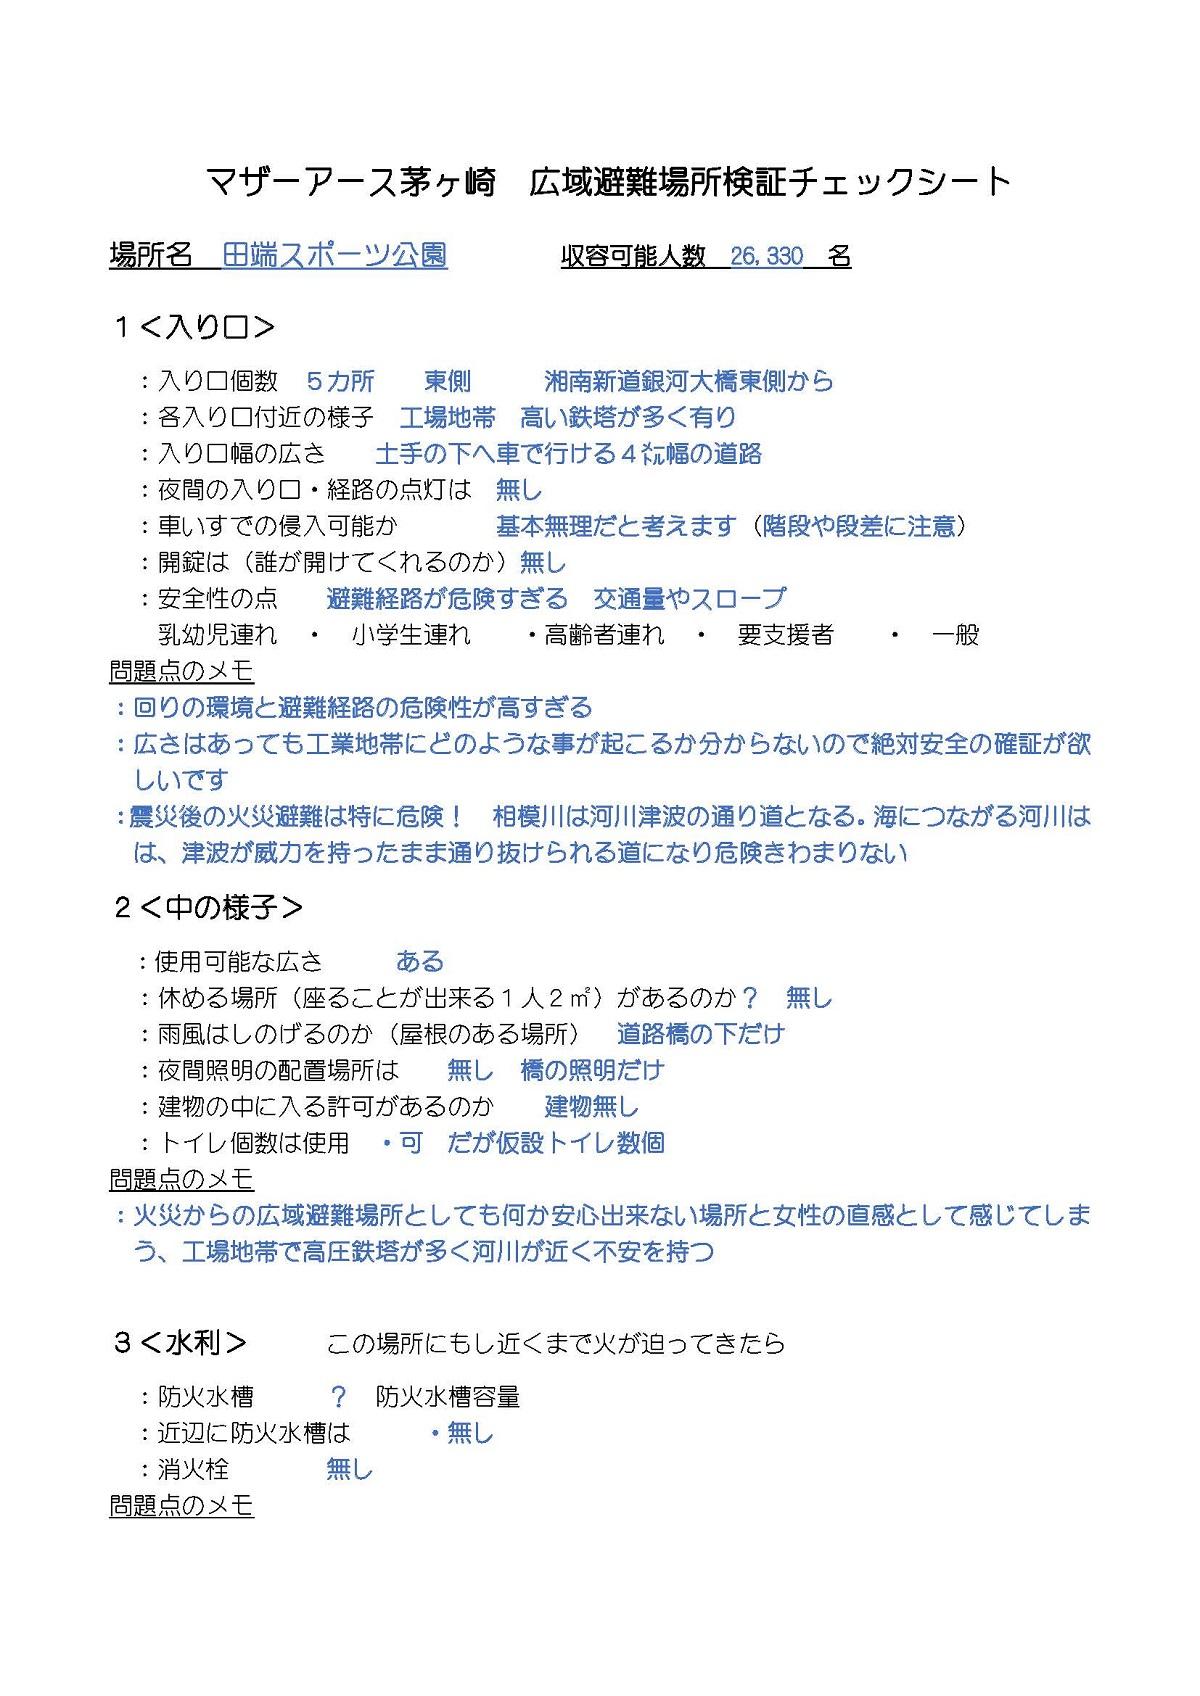 141新ー田端スポーツ公園広域指定ーマザーアース茅ヶ崎_ページ_1